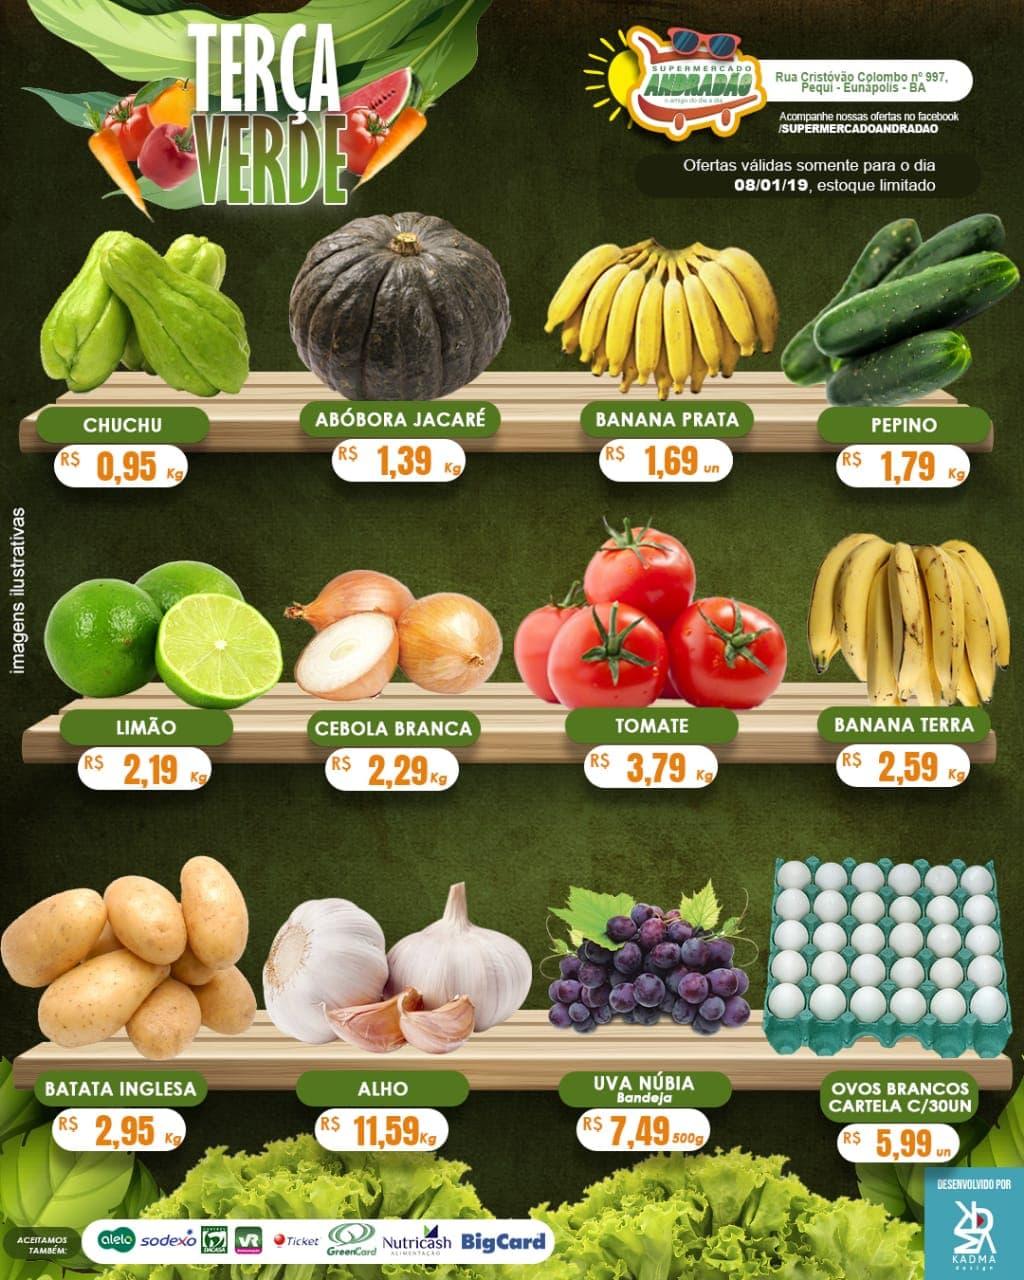 Confiram as ofertas desta terça verde! 08 a 09/01/19 – Supermercado Andradão 1